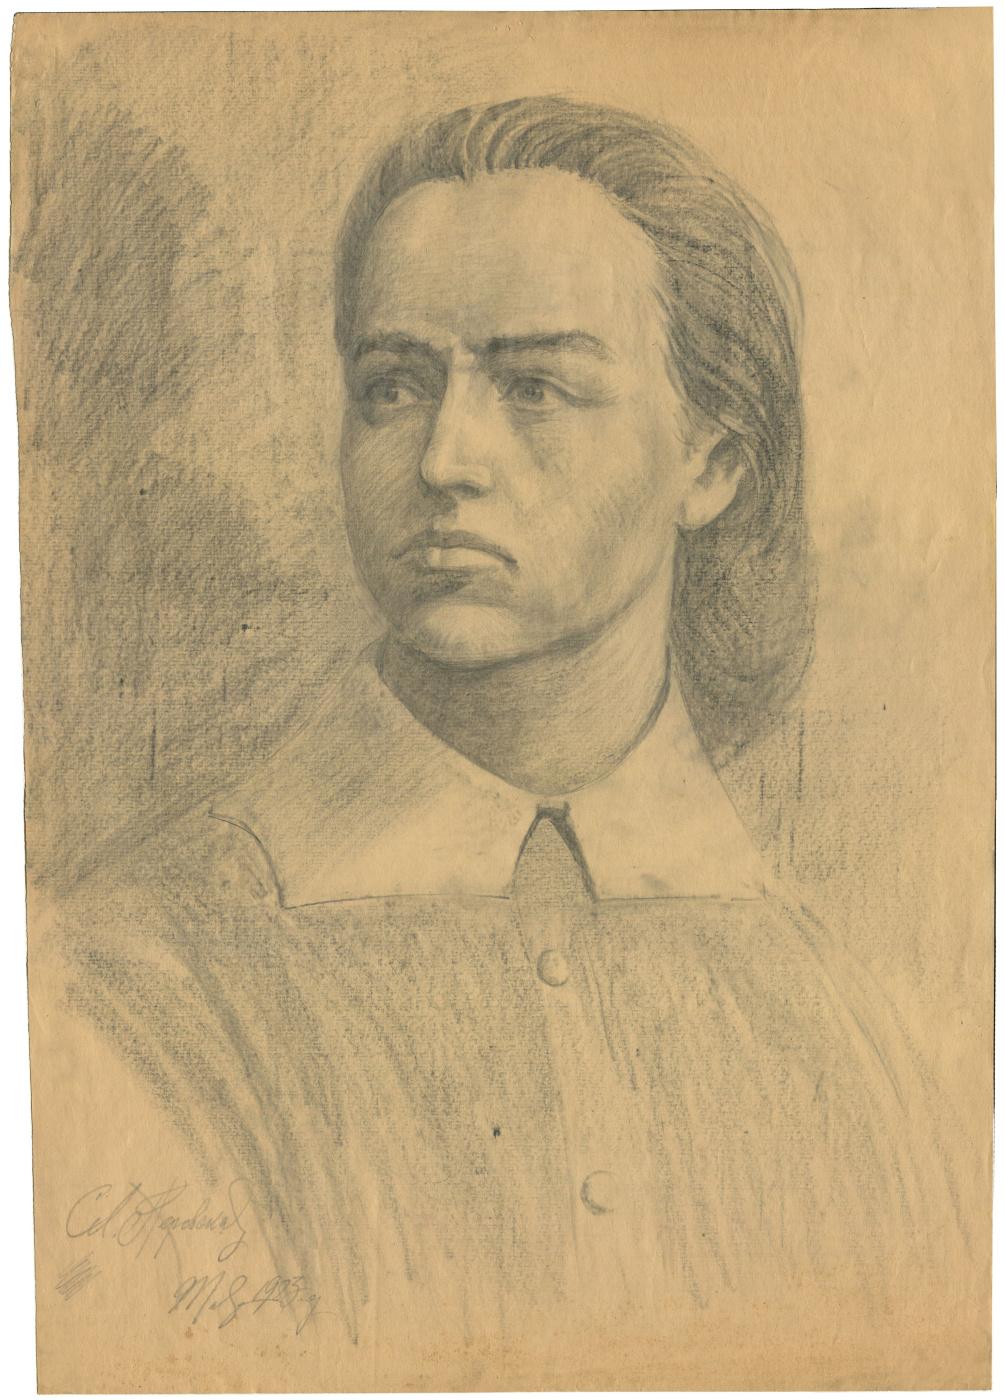 Alexandrovich Rudolf Pavlov. Sophia Perovskaya.